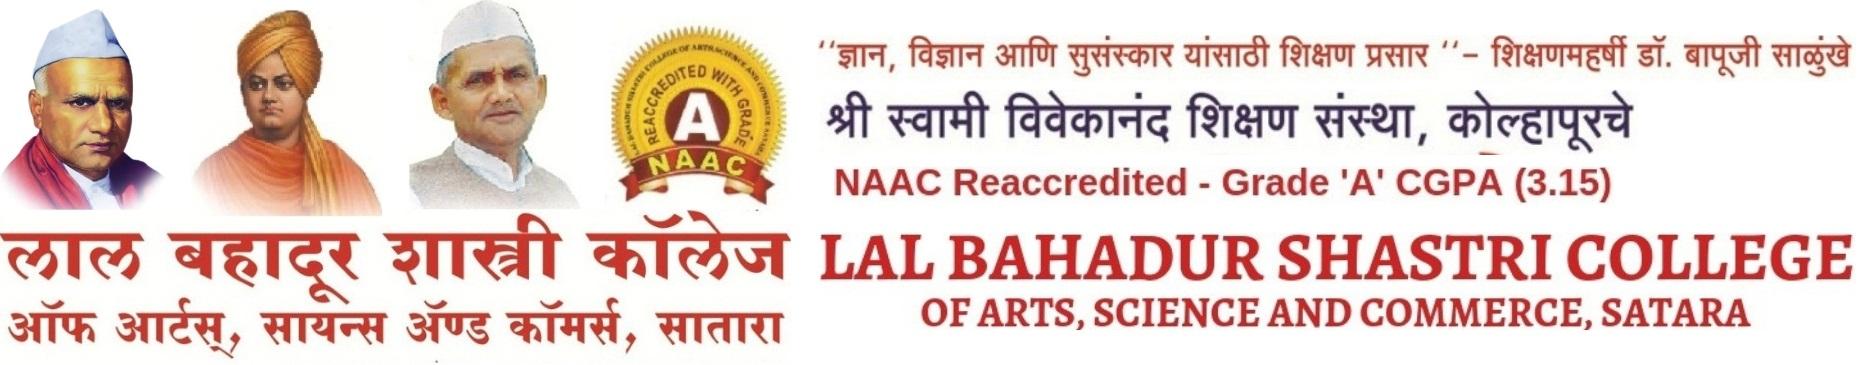 Lal Bahadur Shastri College, Satara